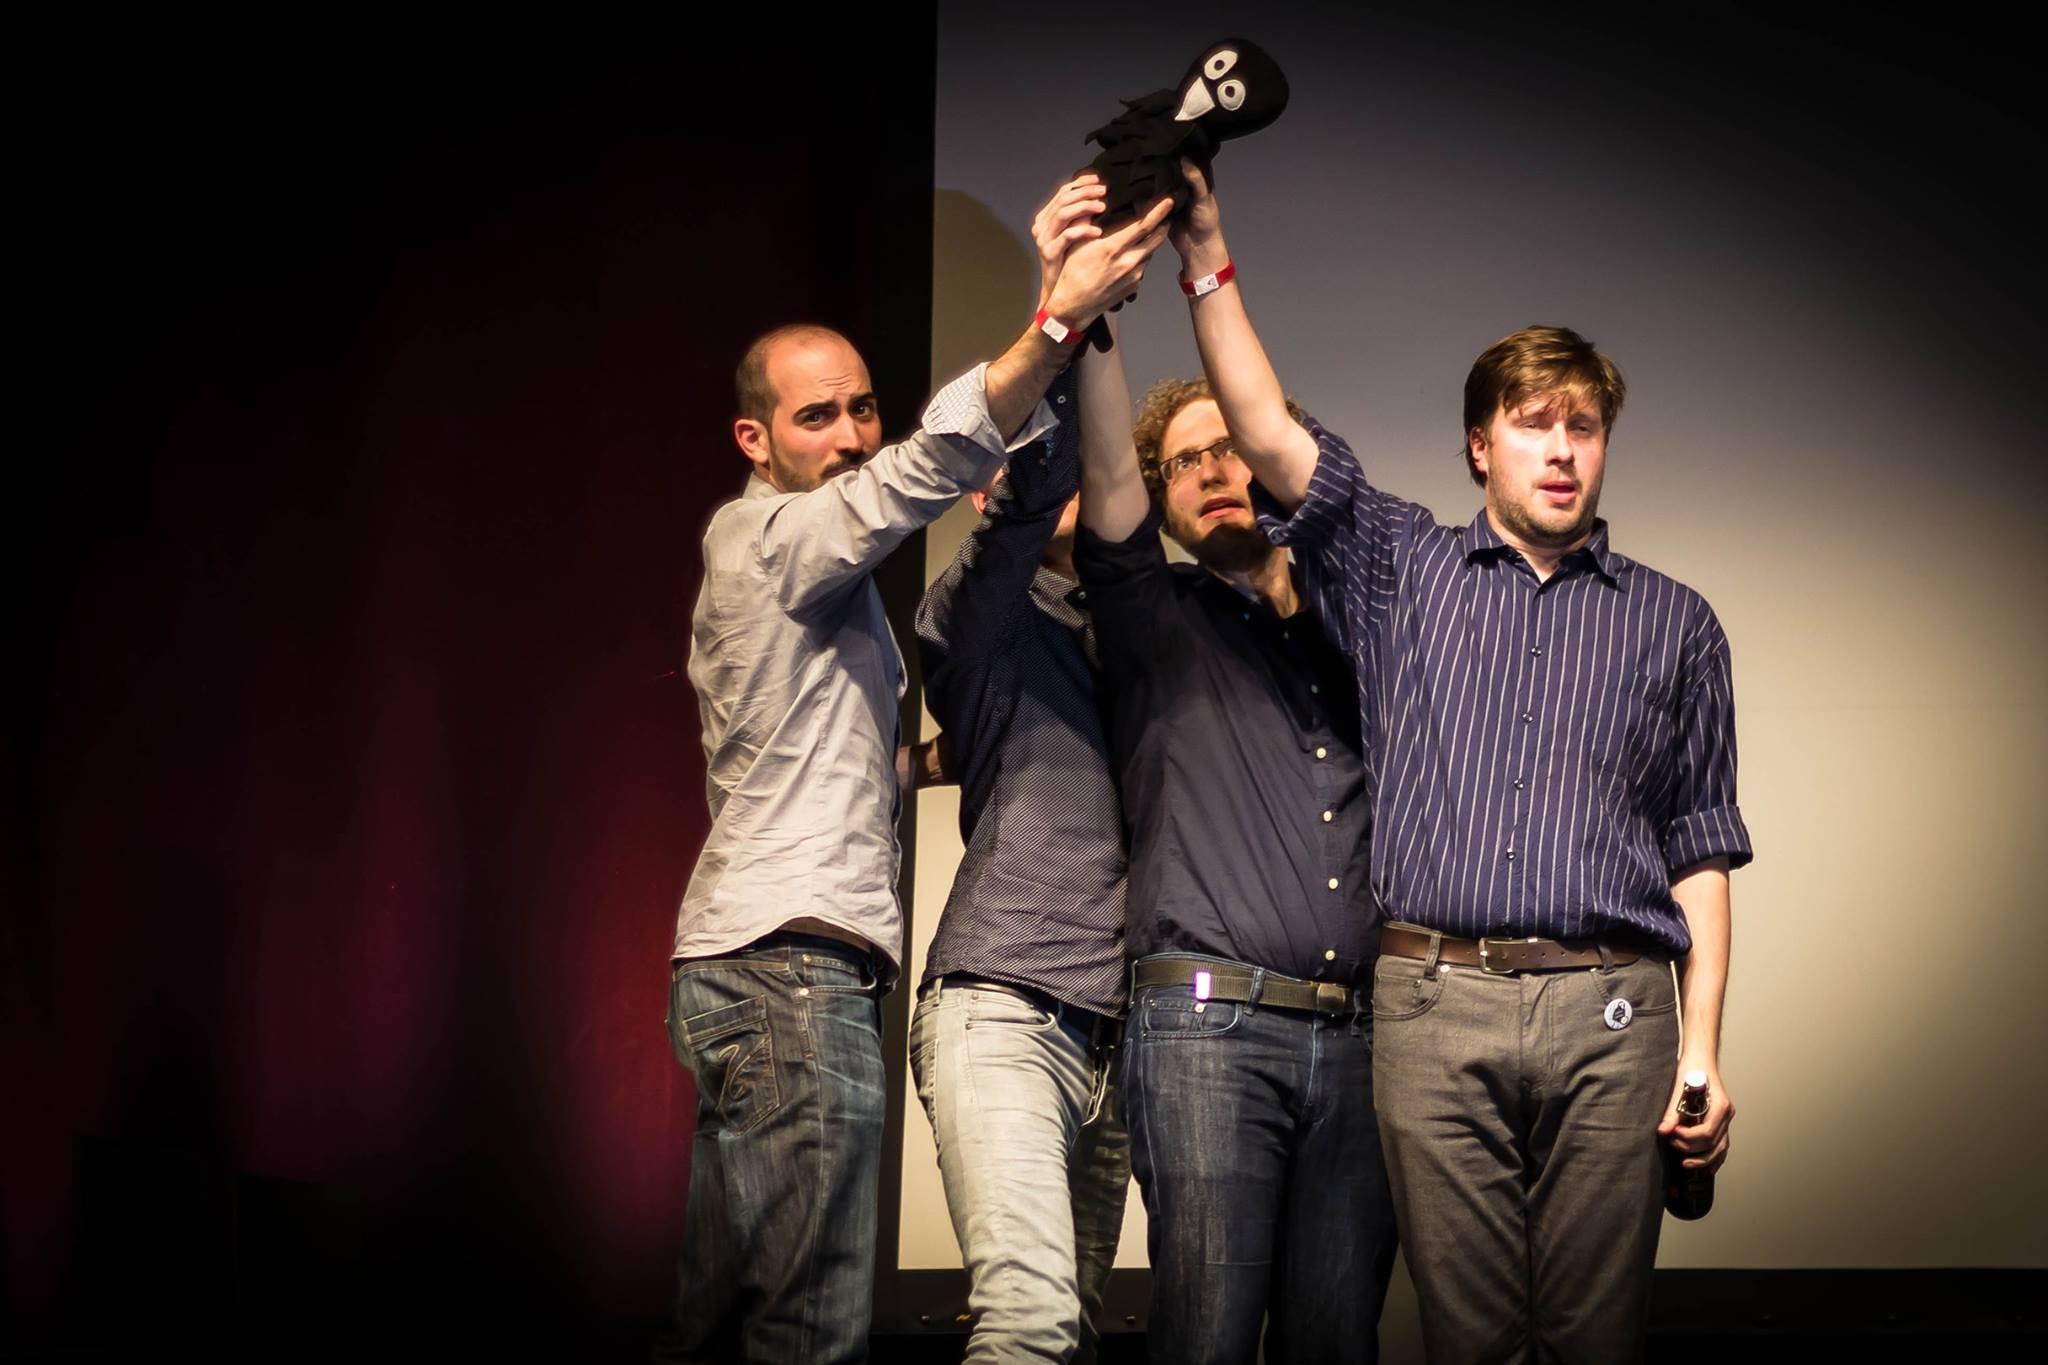 Im Sommer 2016 wurde mir und meinem Team am DingsDA-Improfestival in Darmstadt (D) der 'schräge Vogel' für die schrägste Szene des Abends überreicht.